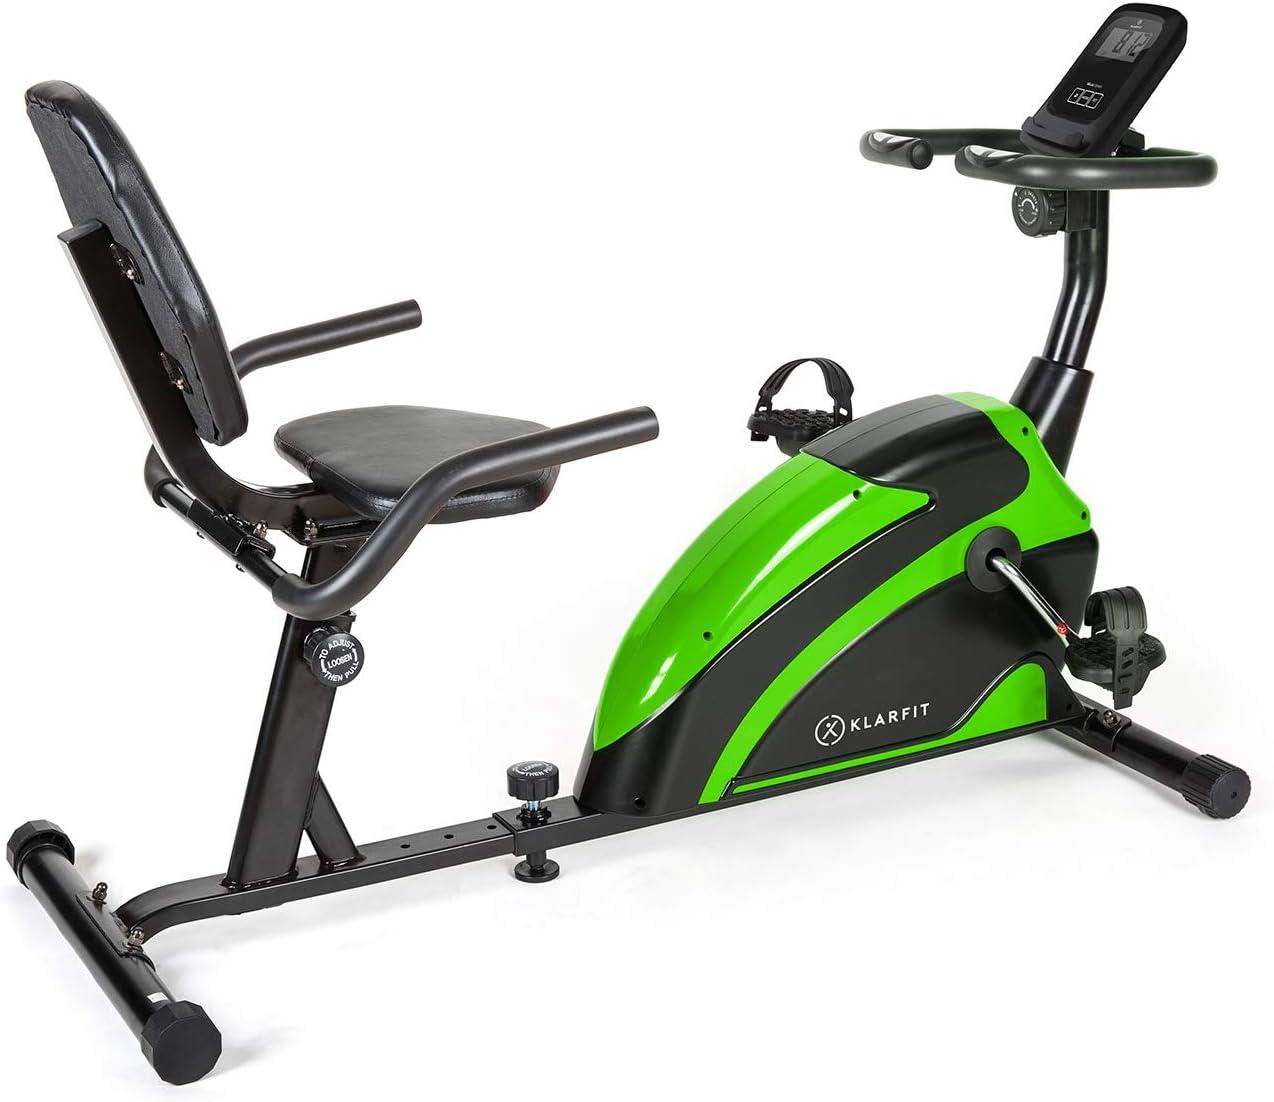 KLAR FIT Relaxbike 6.0 SE Bicicleta reclinada - Bicicleta estática, Volante de inercia de 12 kg, Resistencia magnética de 8 Niveles, Soporte para Tablet, Silencioso, hasta 100 kg